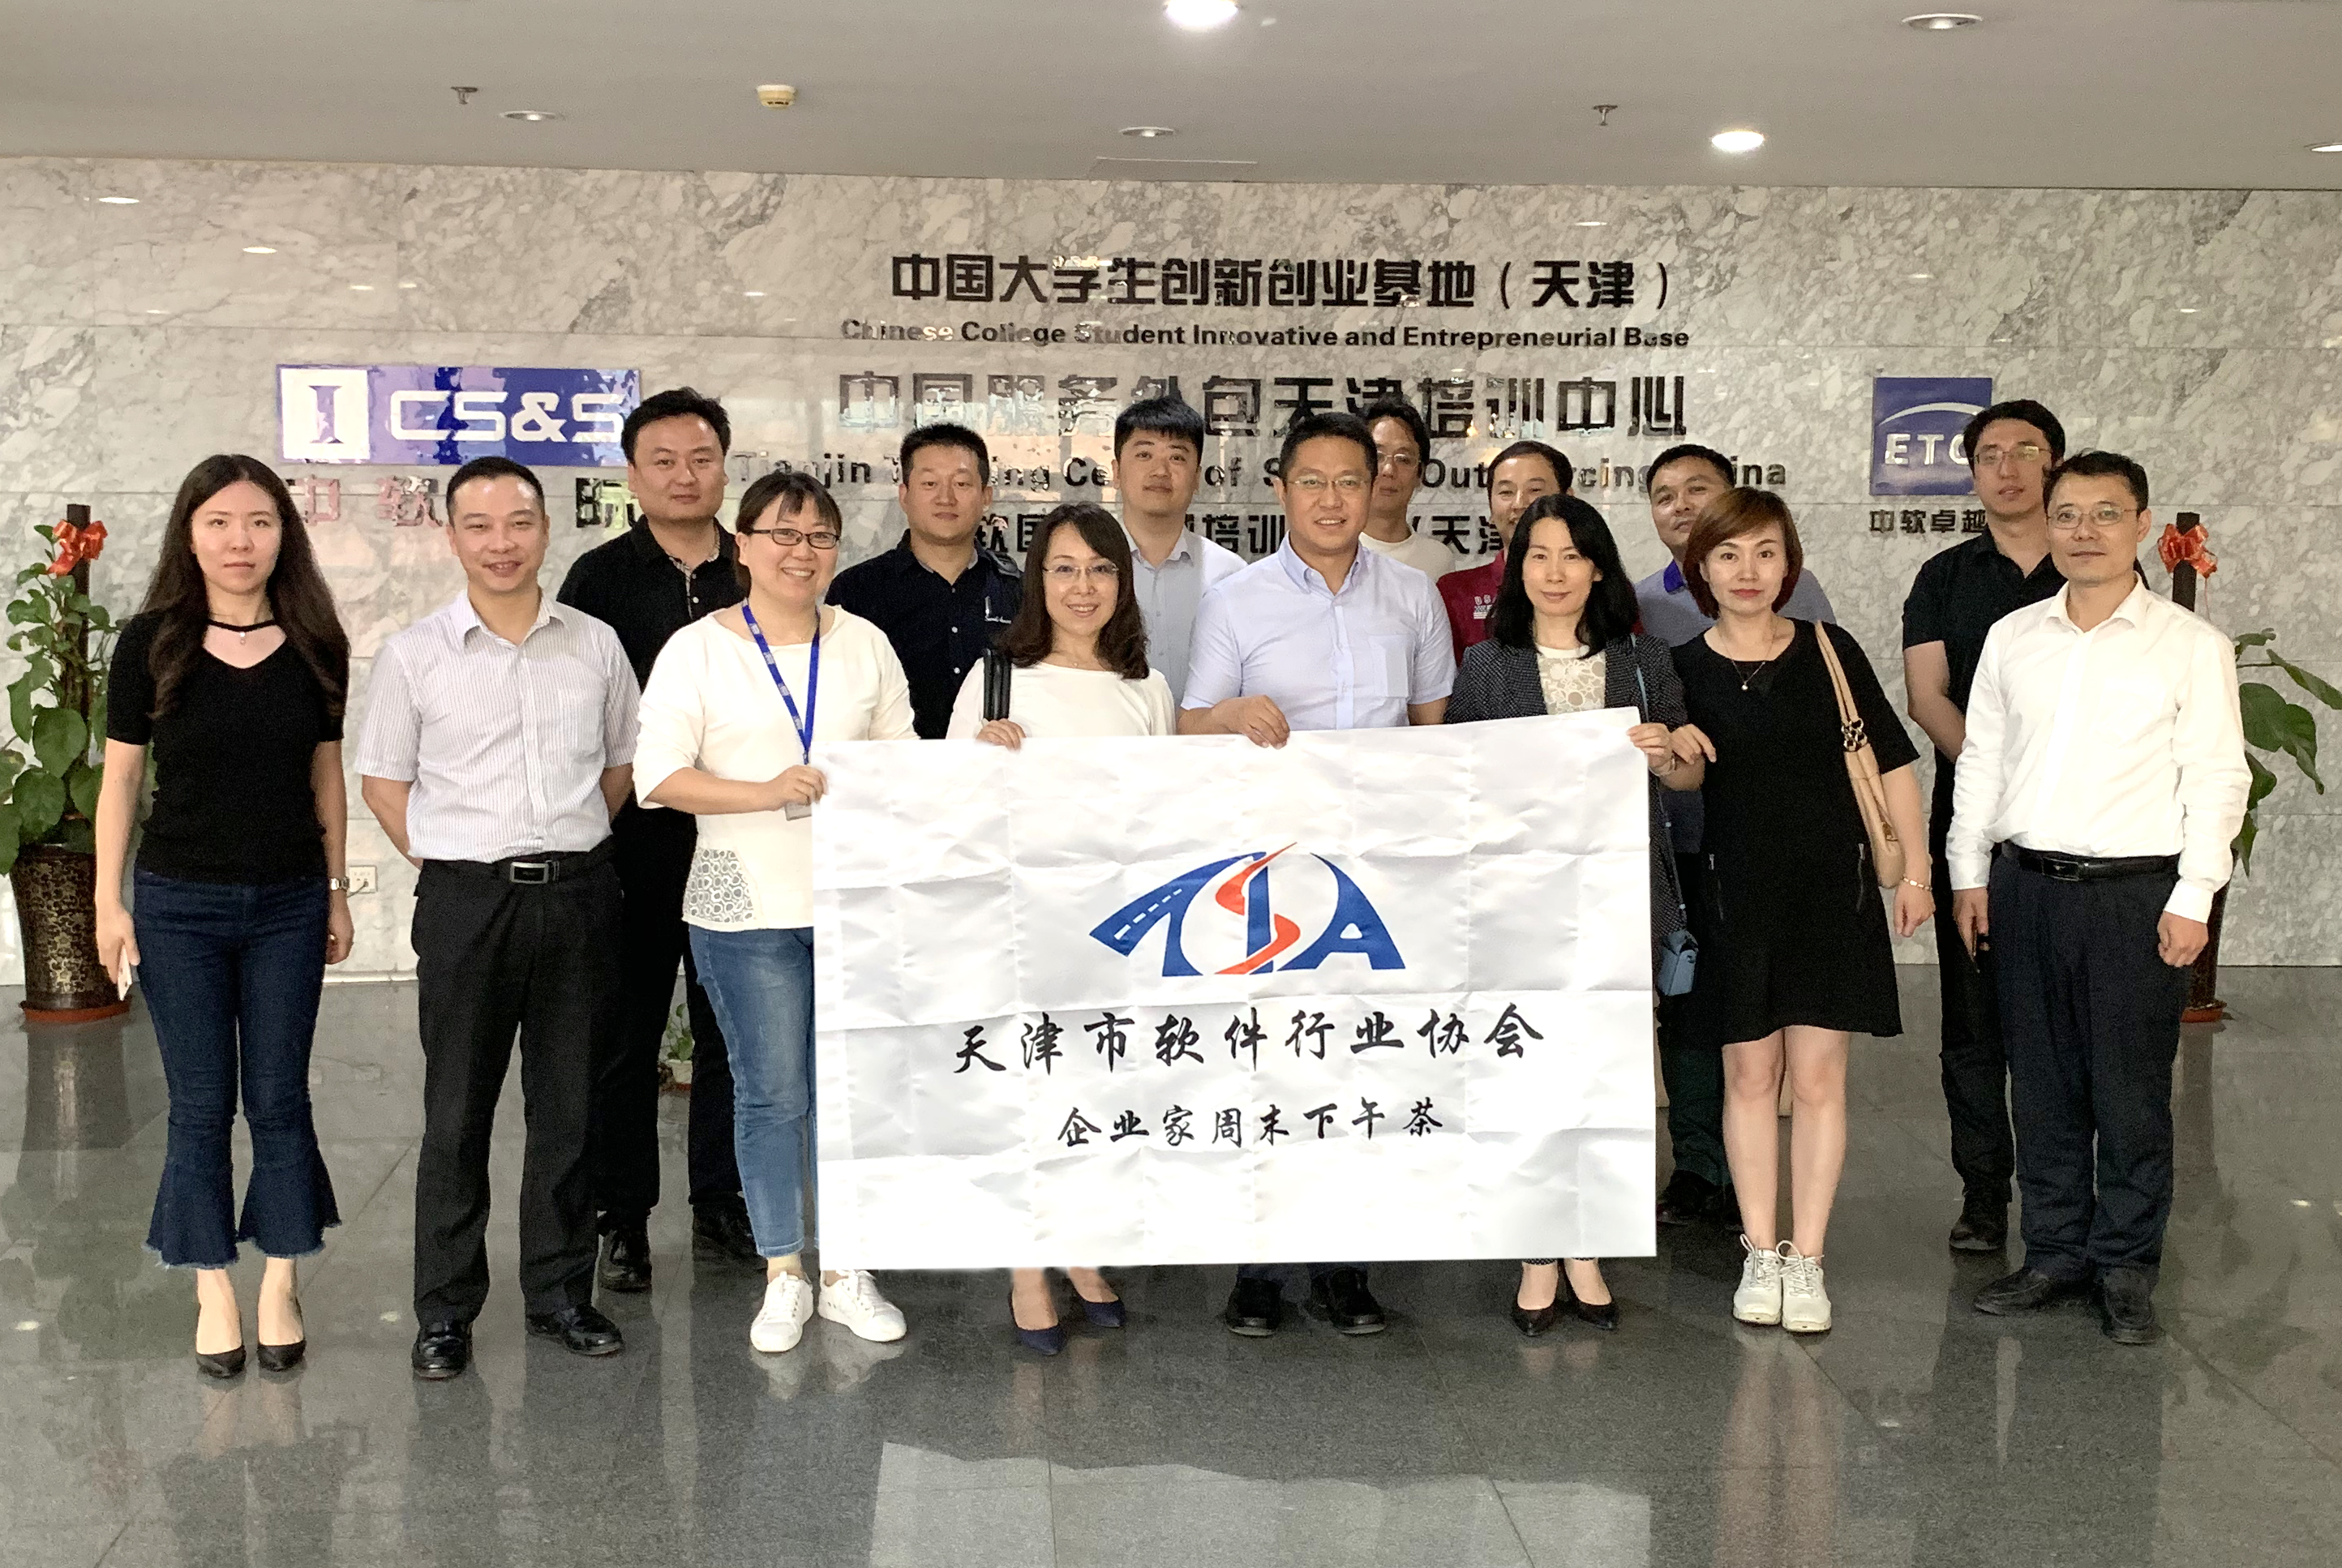 天津软协企业家周末下午茶活动(第二十九期)成功举办